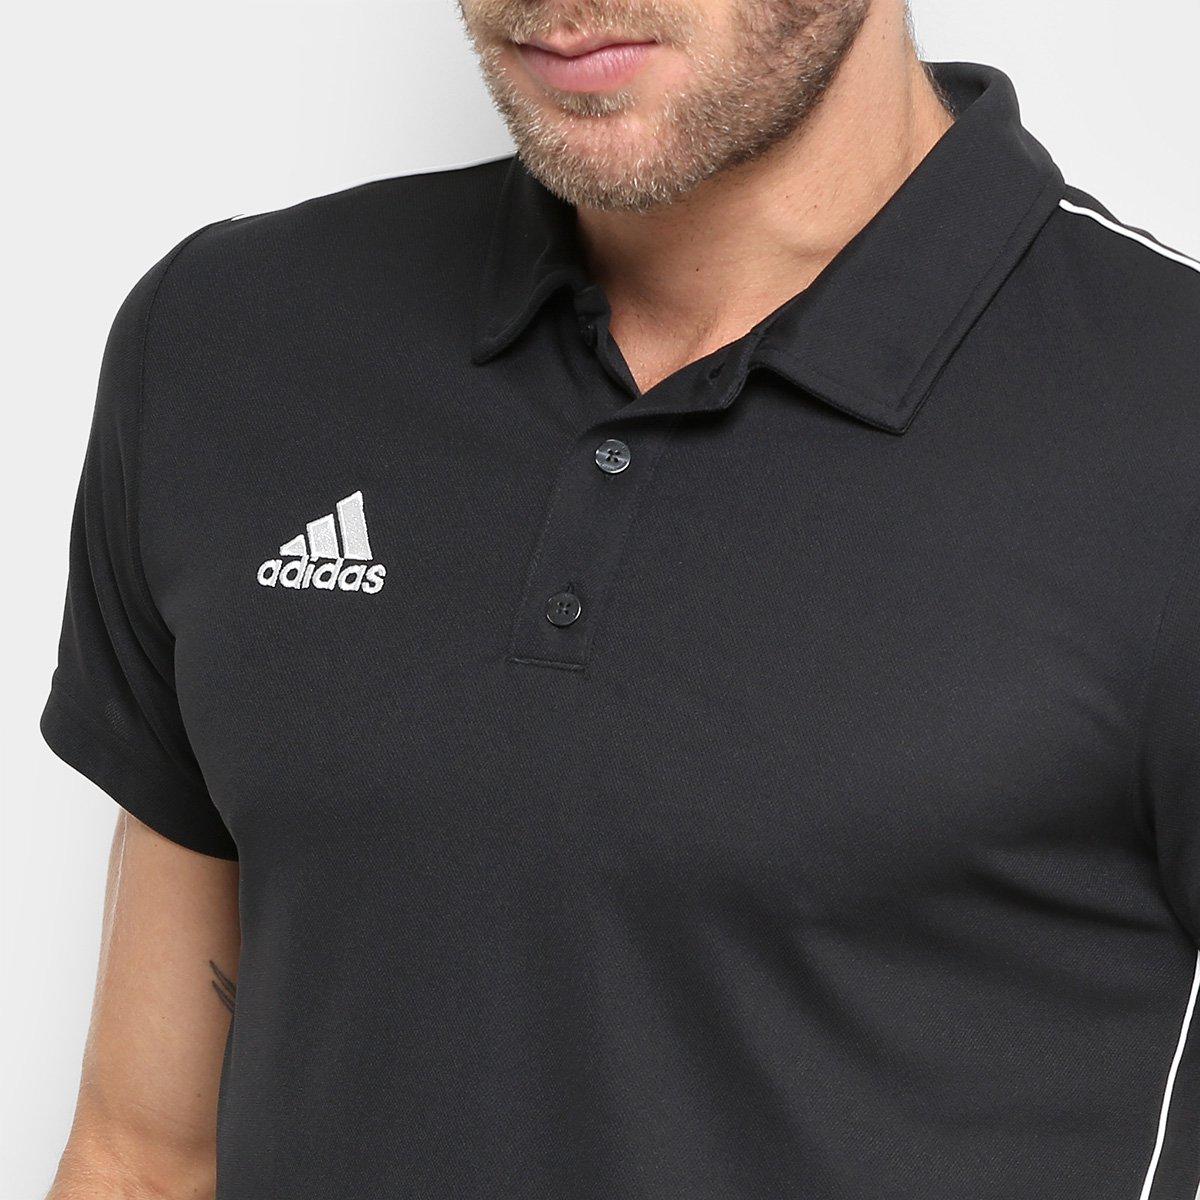 Camisa Polo Adidas Core 18 Masculina - Preto e Branco - Compre Agora ... bc3e221f2db67